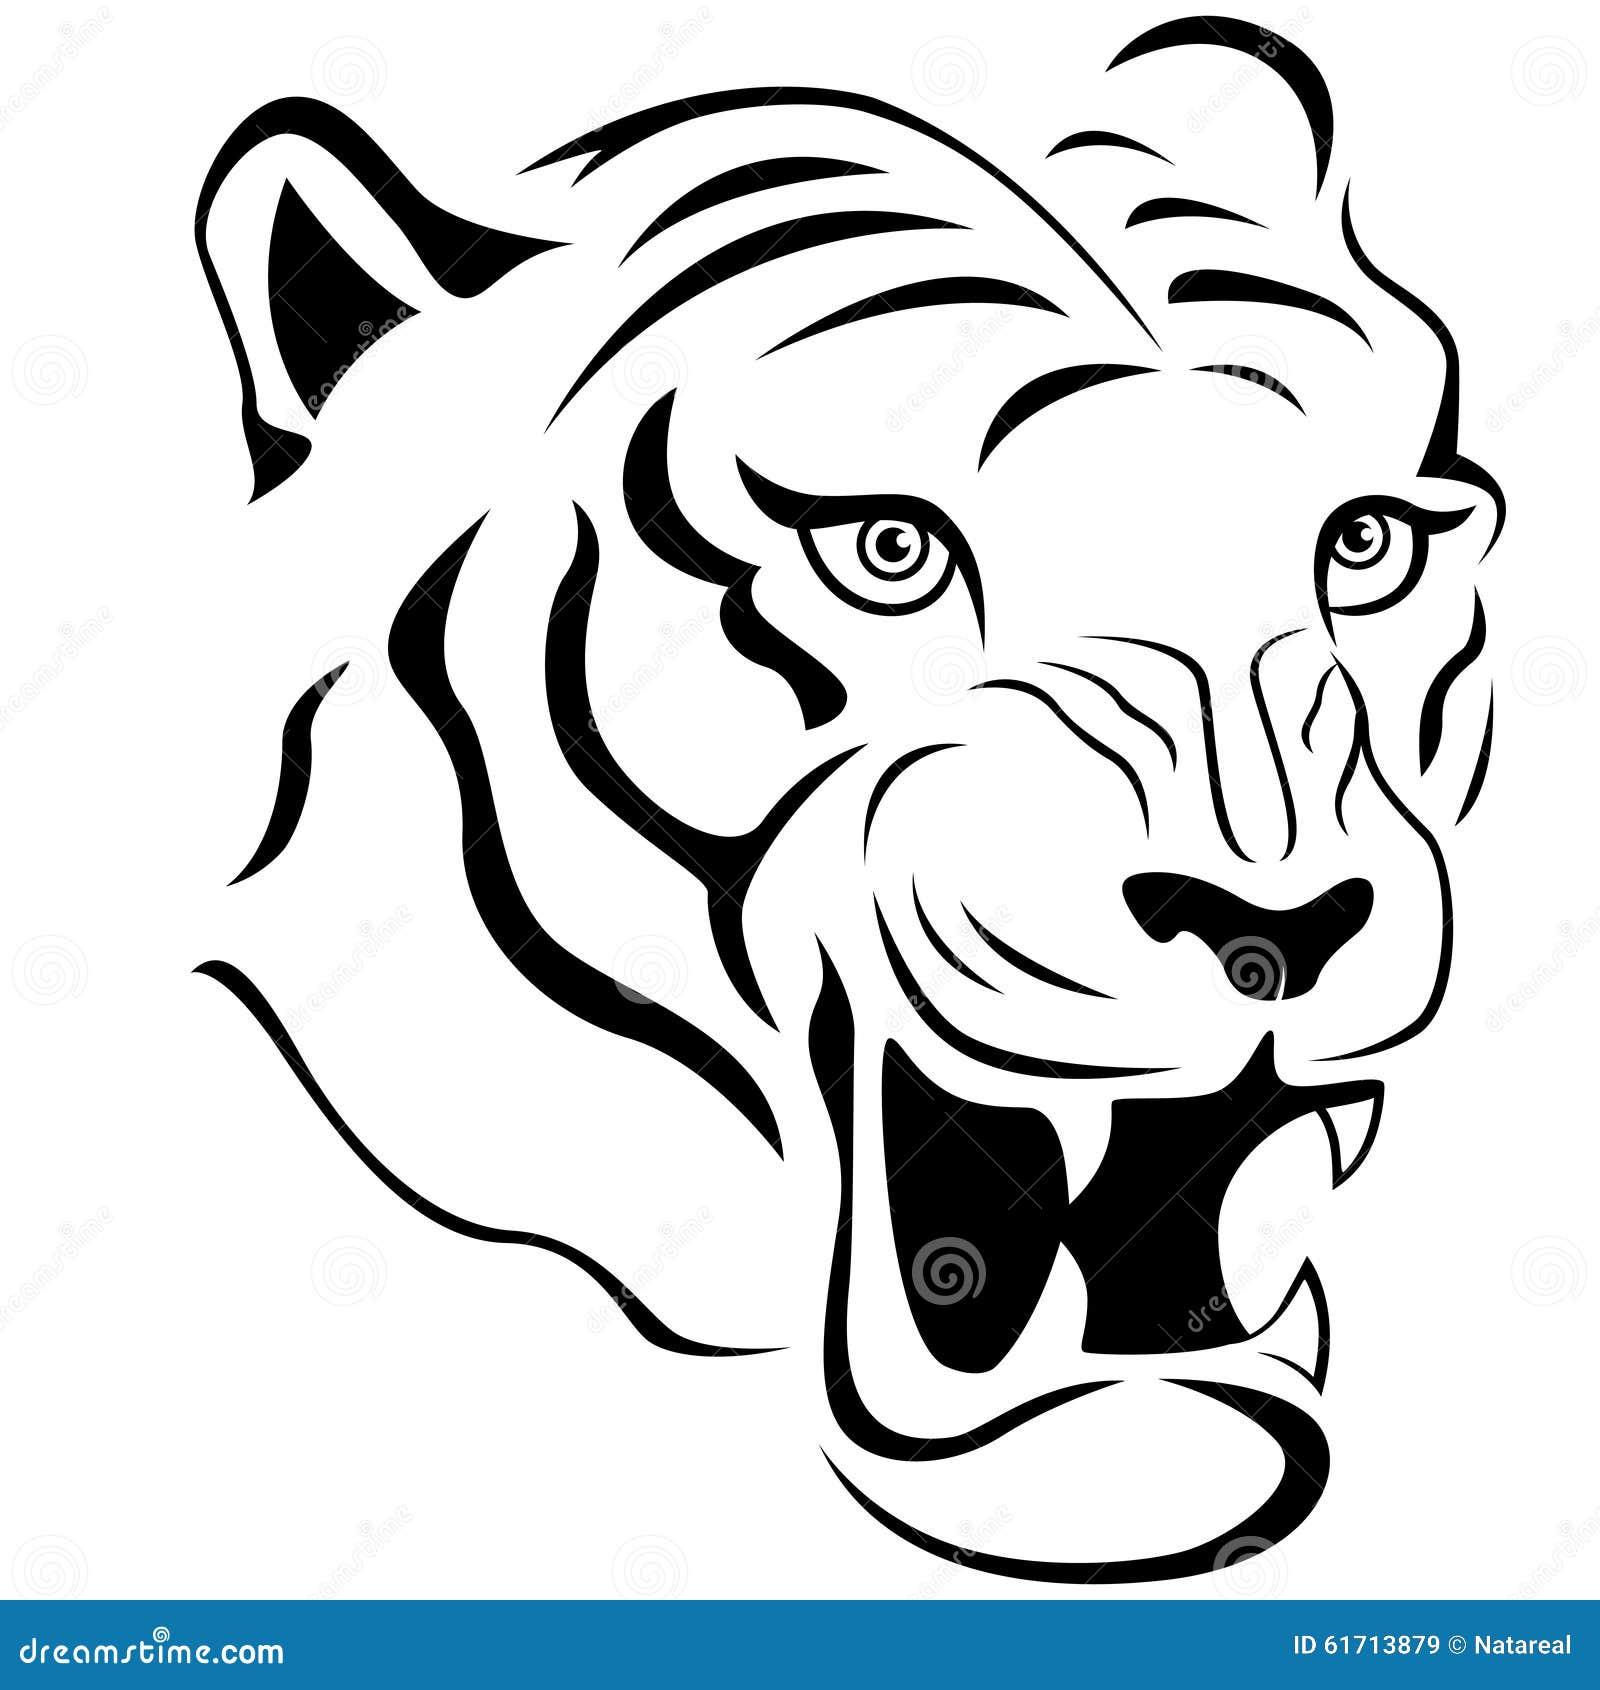 Ilustraciones Del Retrato De La Cara Del Tigre Silueta Principal